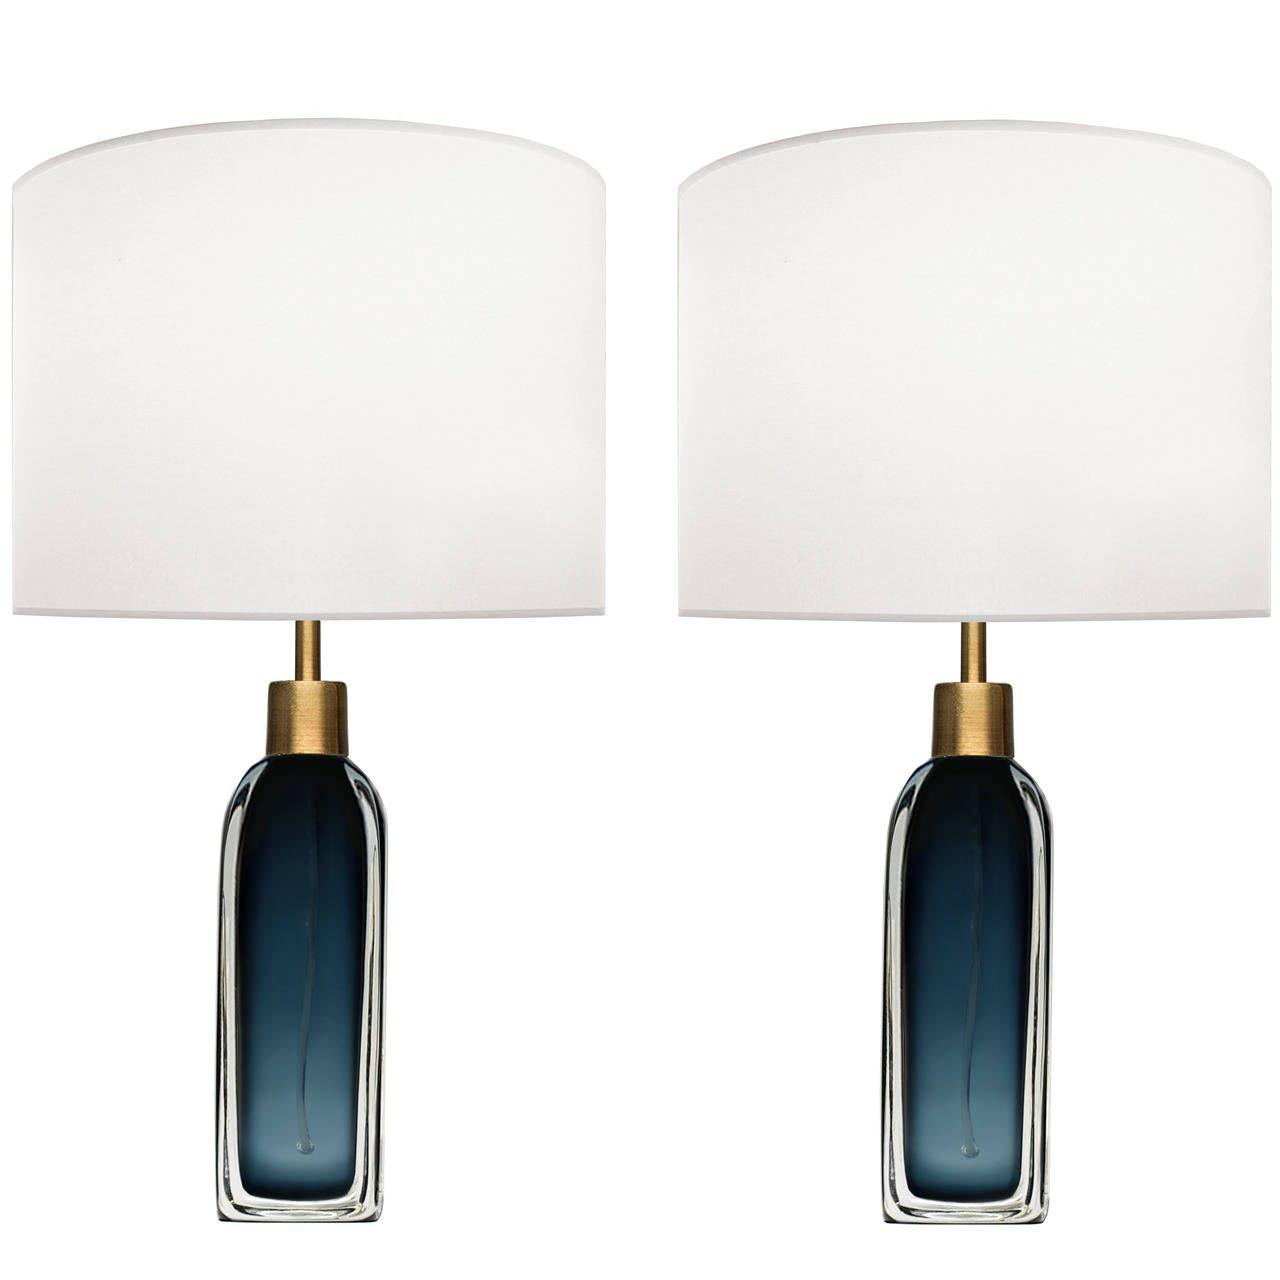 die besten 25 blaue tischlampe ideen auf pinterest moderne tischlampen glastischlampen und. Black Bedroom Furniture Sets. Home Design Ideas